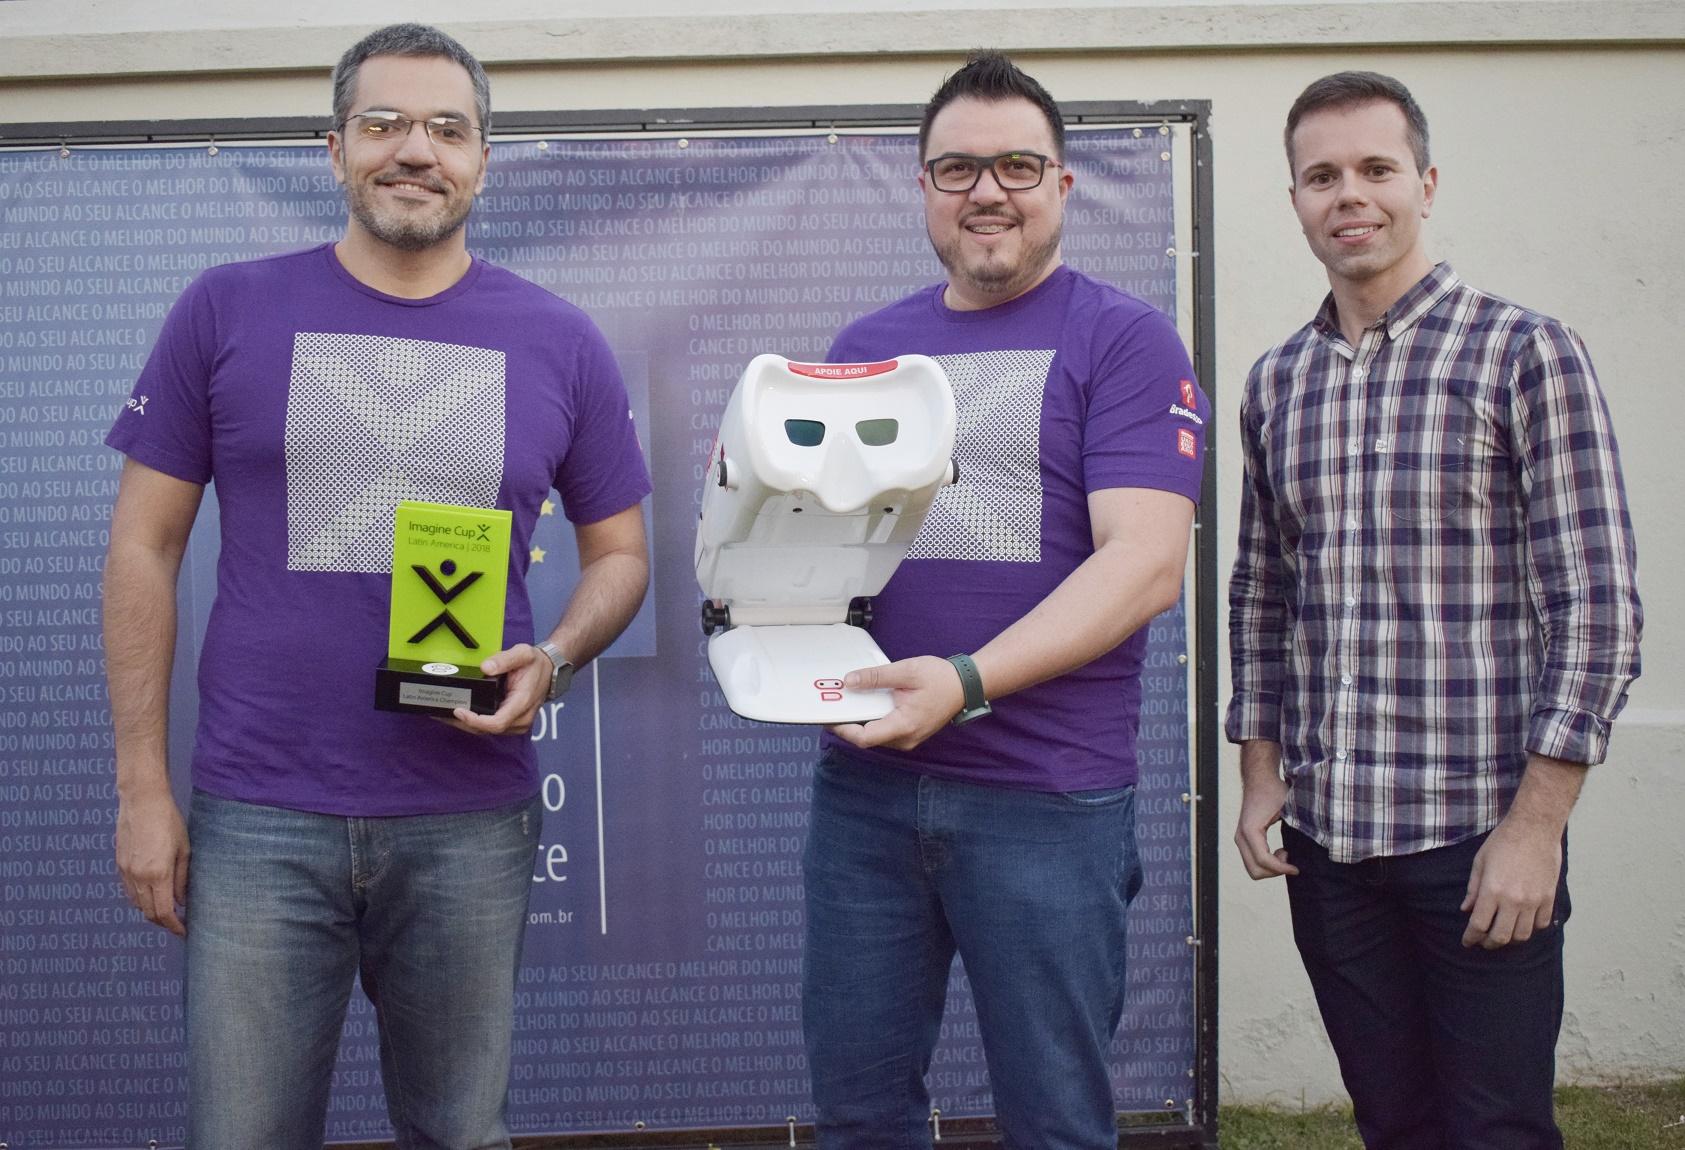 a716ec66eb O Adam Robo foi selecionado entre mais de 180 projetos na América latina e  agora disputa a final da Microsoft Imagine Cup no próximo dia 25 de julho